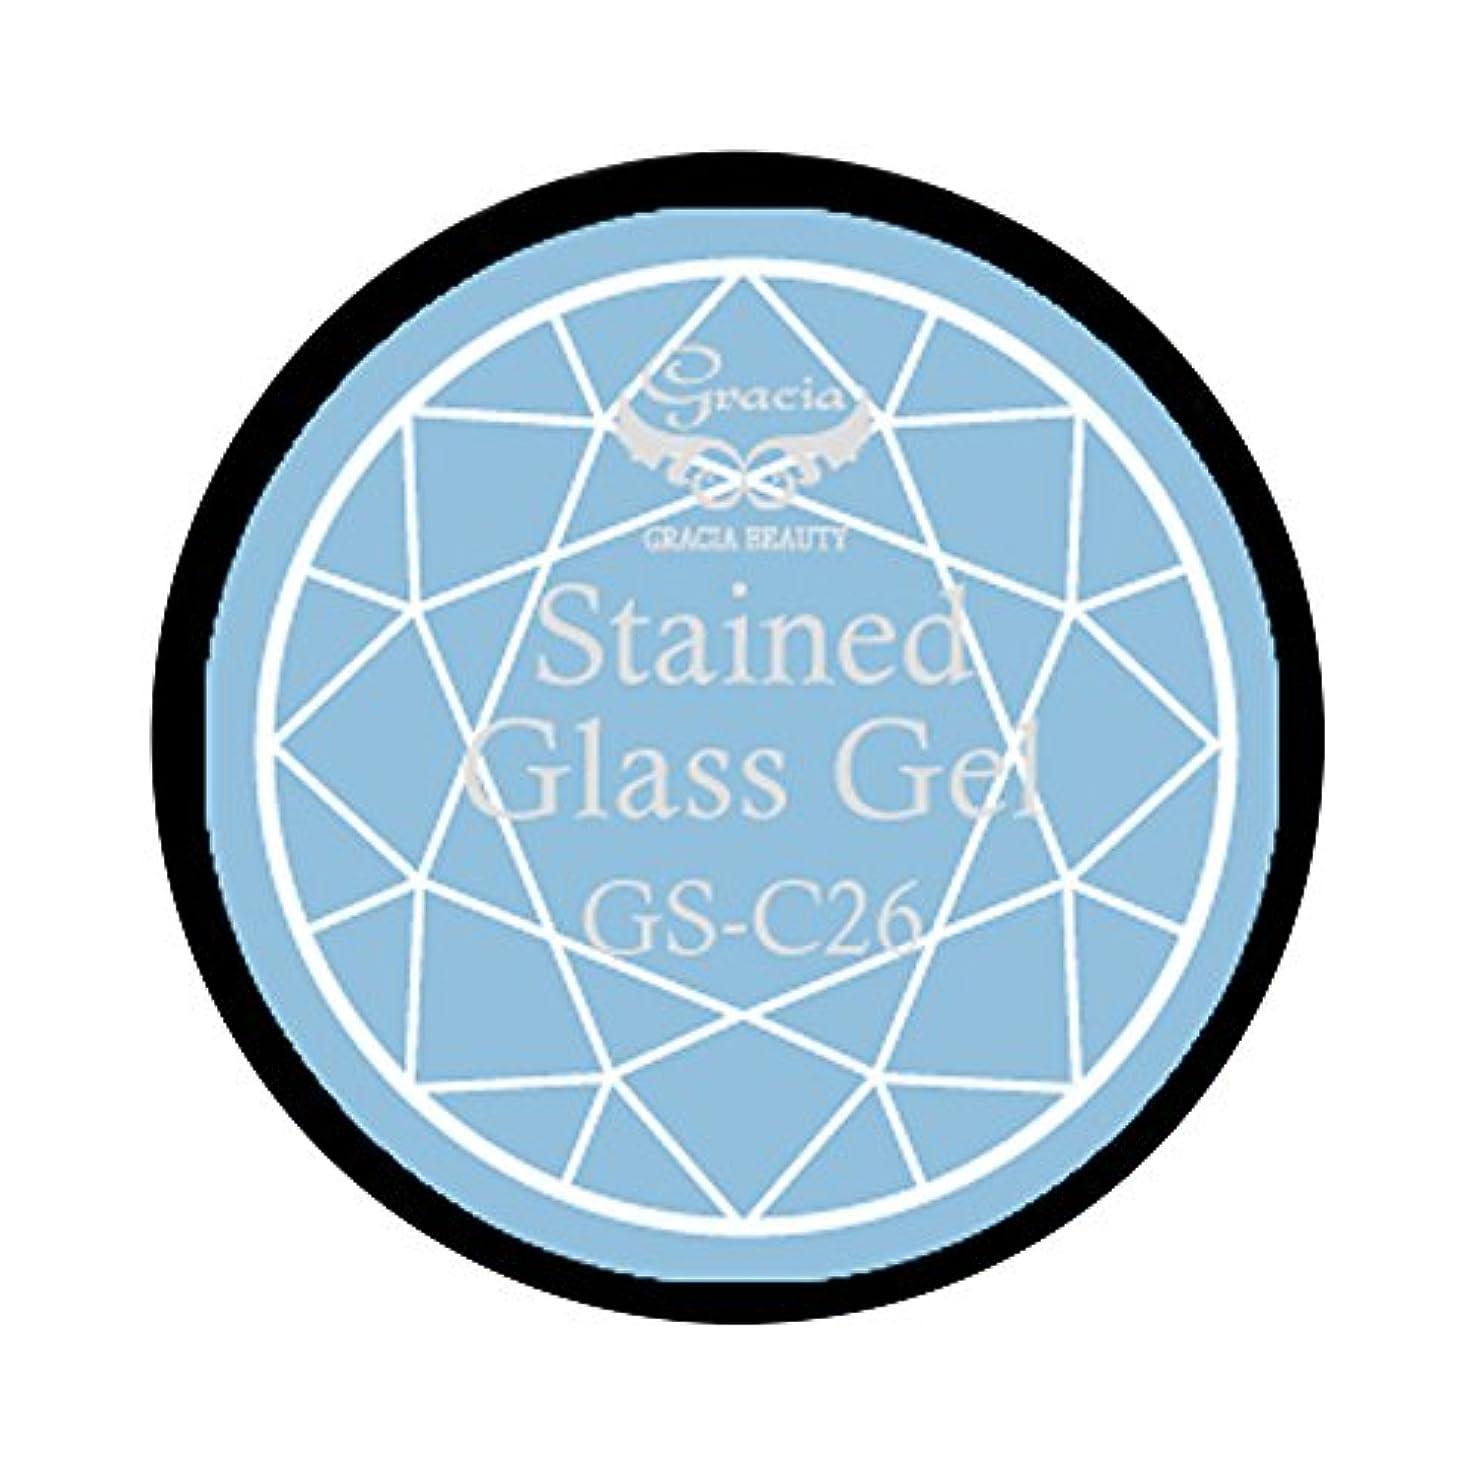 正確さドーム最終グラシア ジェルネイル ステンドグラスジェル GSM-C26 3g  クリア UV/LED対応 カラージェル ソークオフジェル ガラスのような透明感